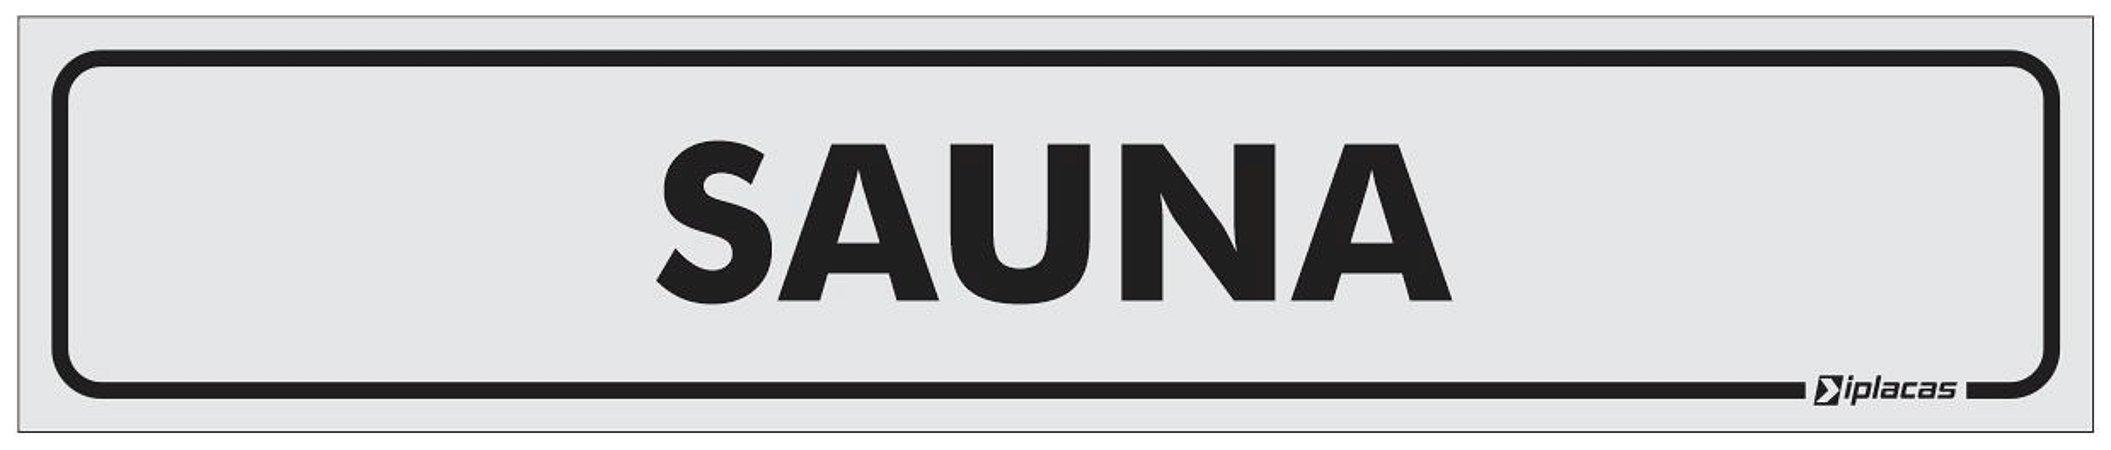 Placa Identificação Sauna em PS 1mm